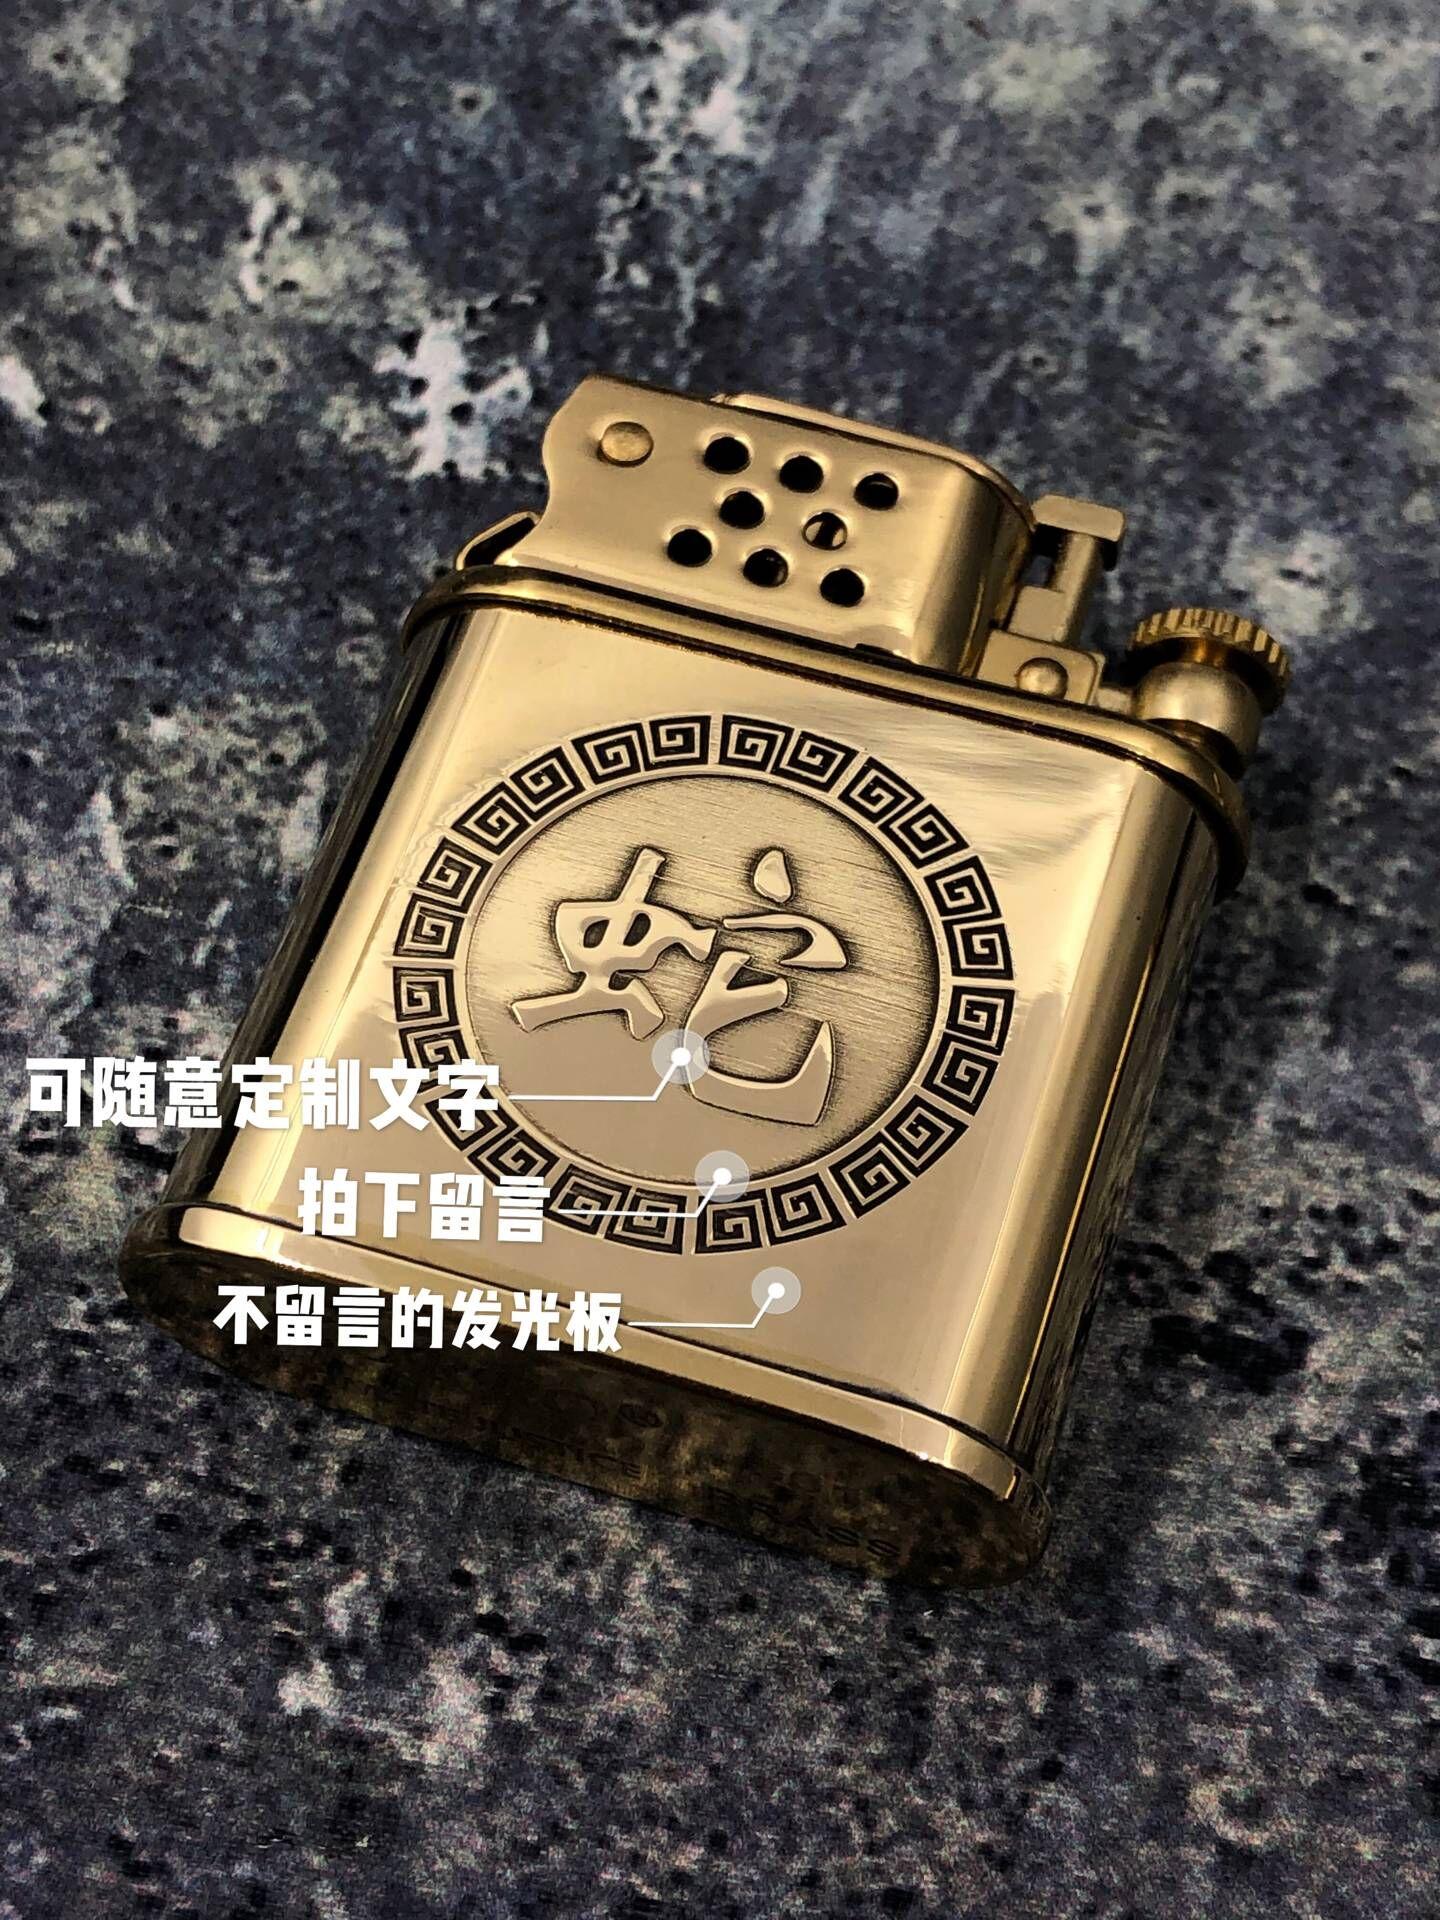 佐罗新款黄铜纯铜561自动弹射式煤油打火机免费刻字定制